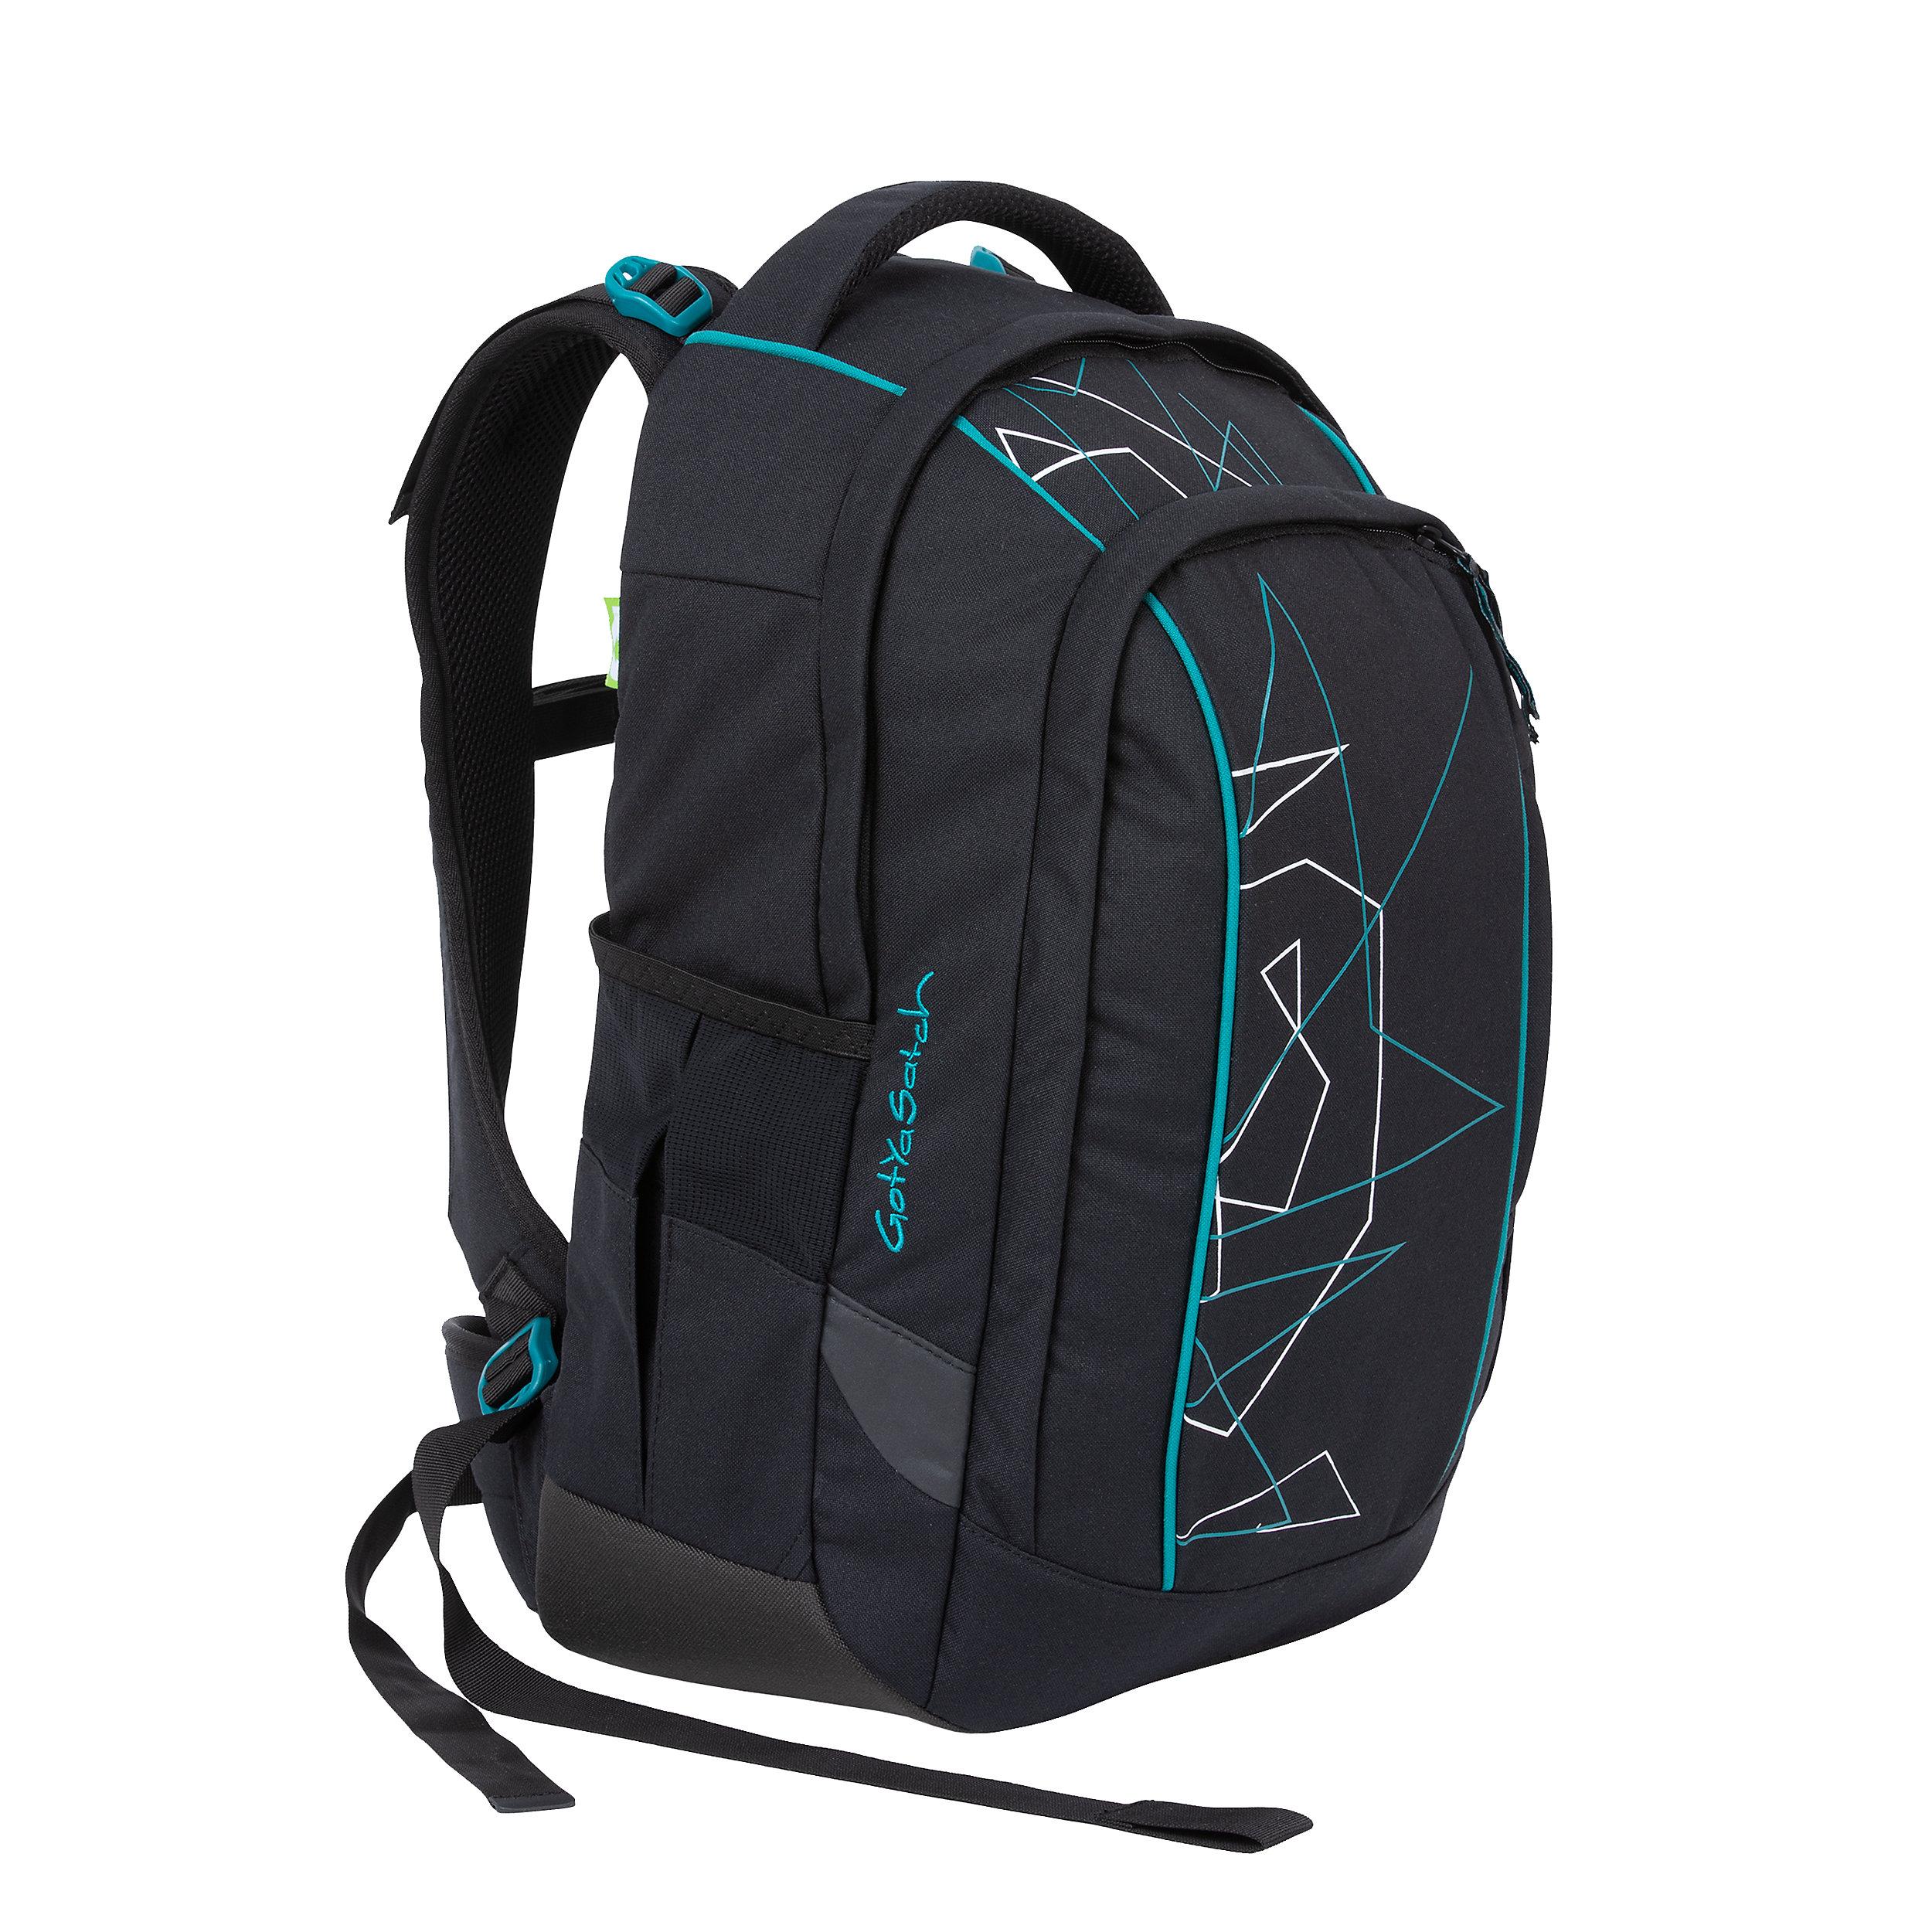 School Backpack Sleek 24 Liter